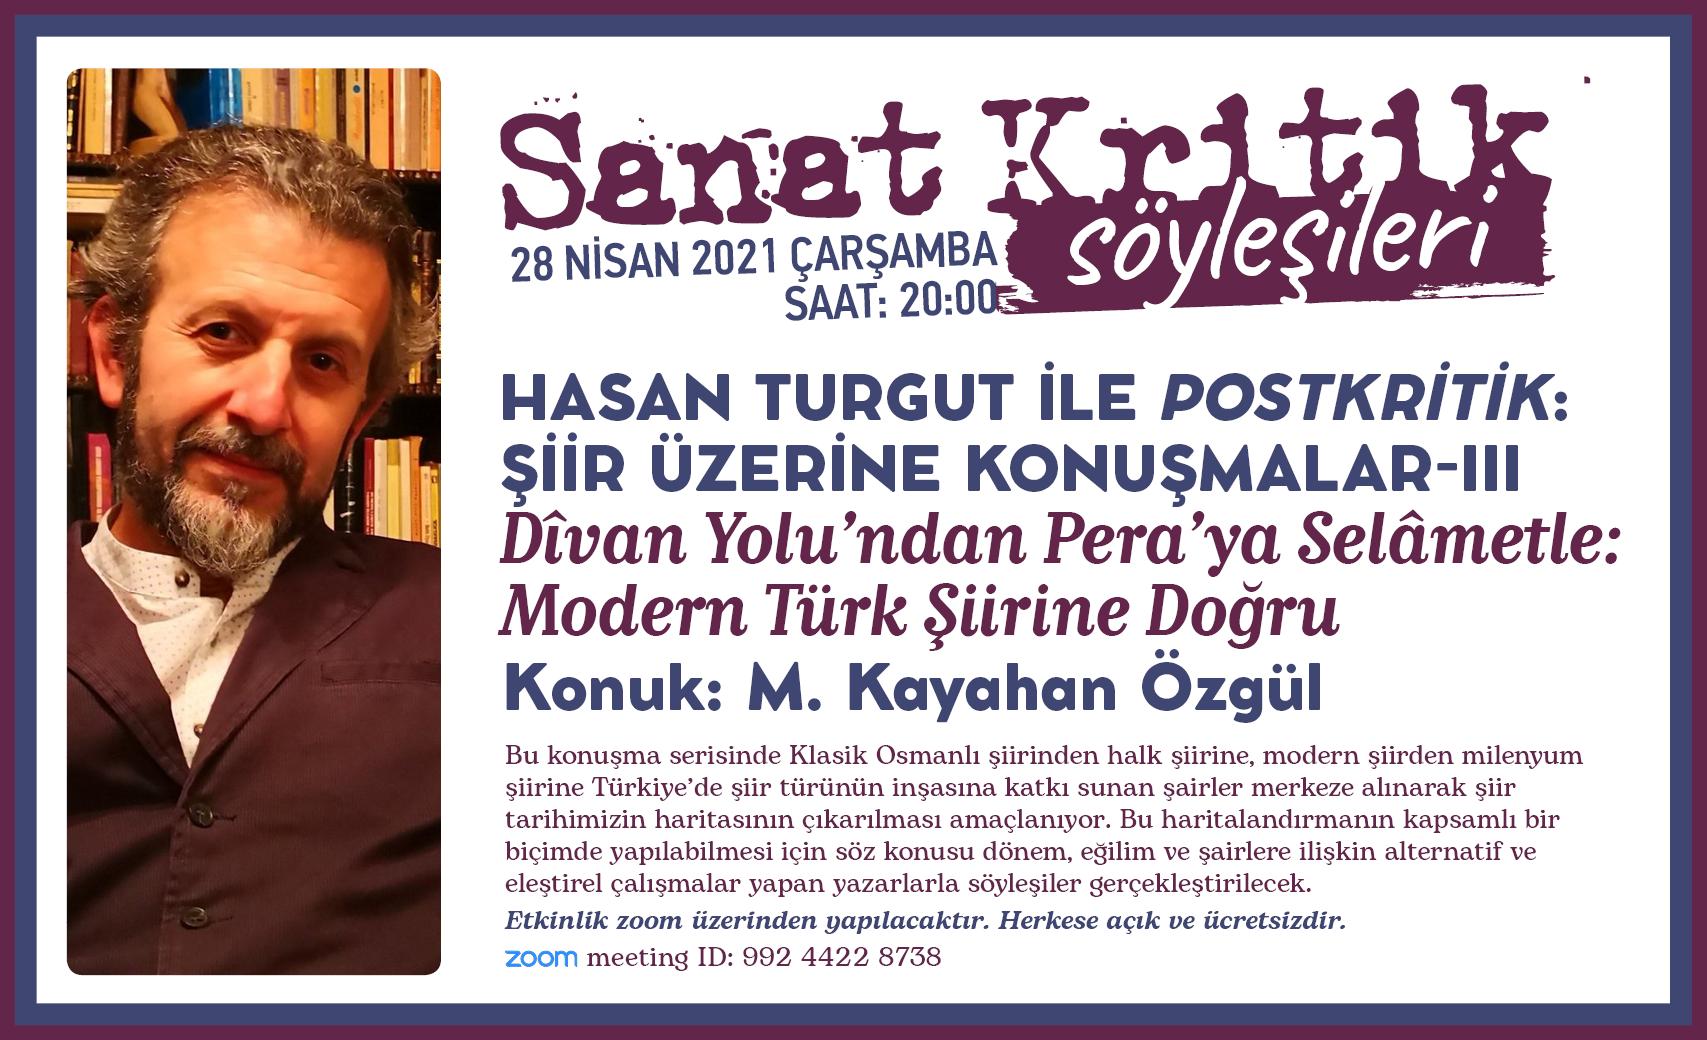 Sanat-Kritik-soylesi_postkritik3-1